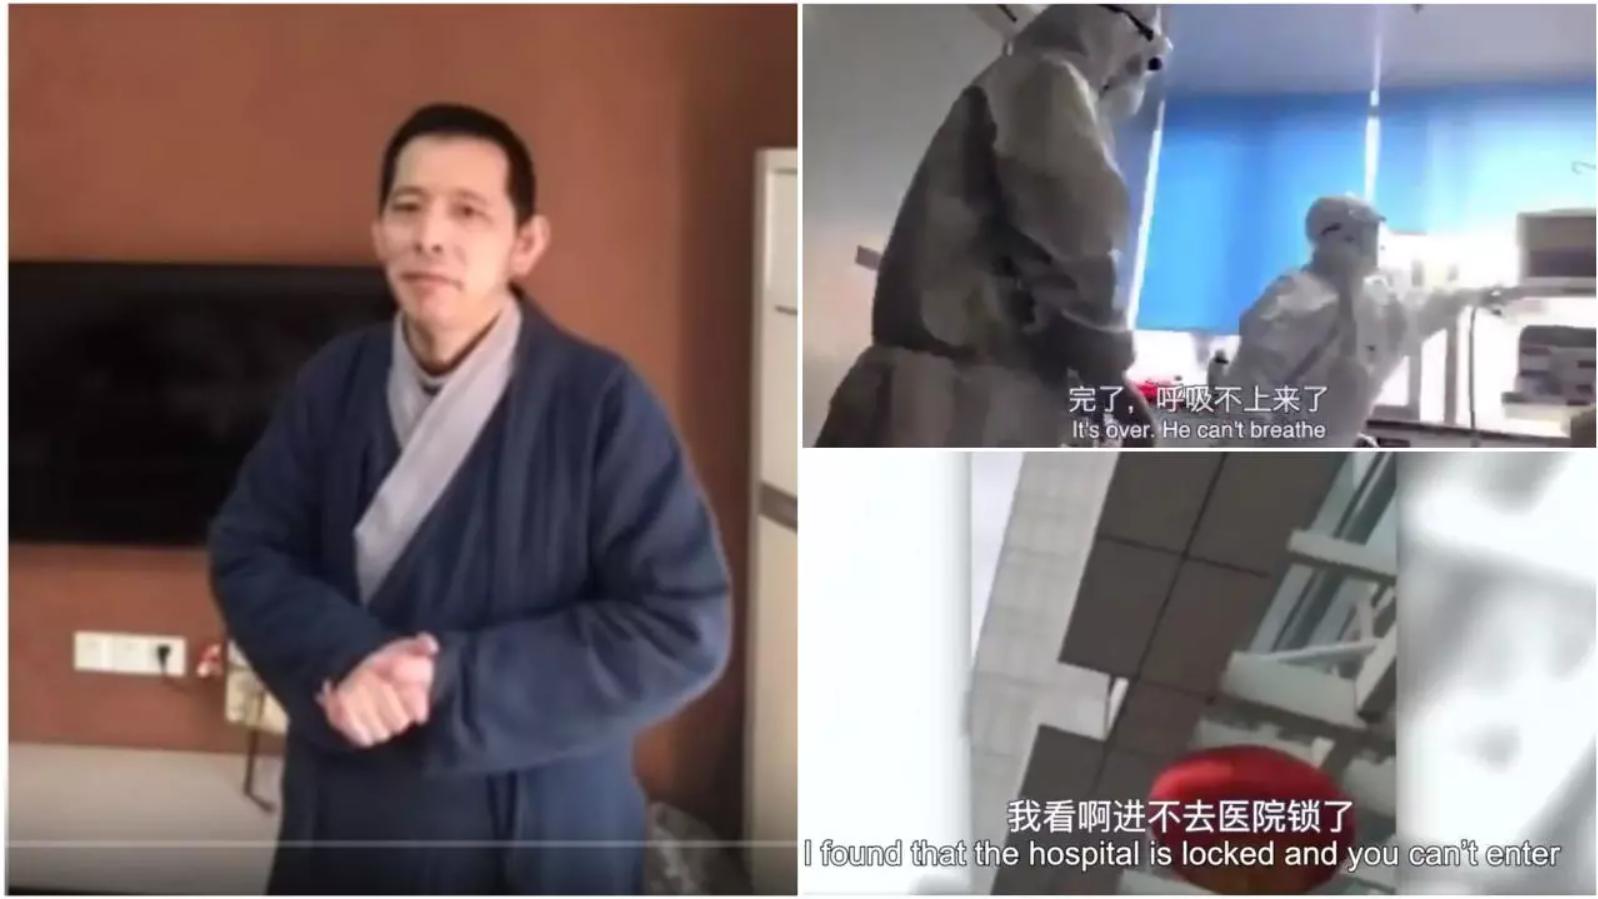 Fangbin, gérant d'un magasin de vêtement à Wuhan, s'est transformé en lanceur d'alerte quand la pandémie de Covid-19 s'est déclarée dans sa ville.